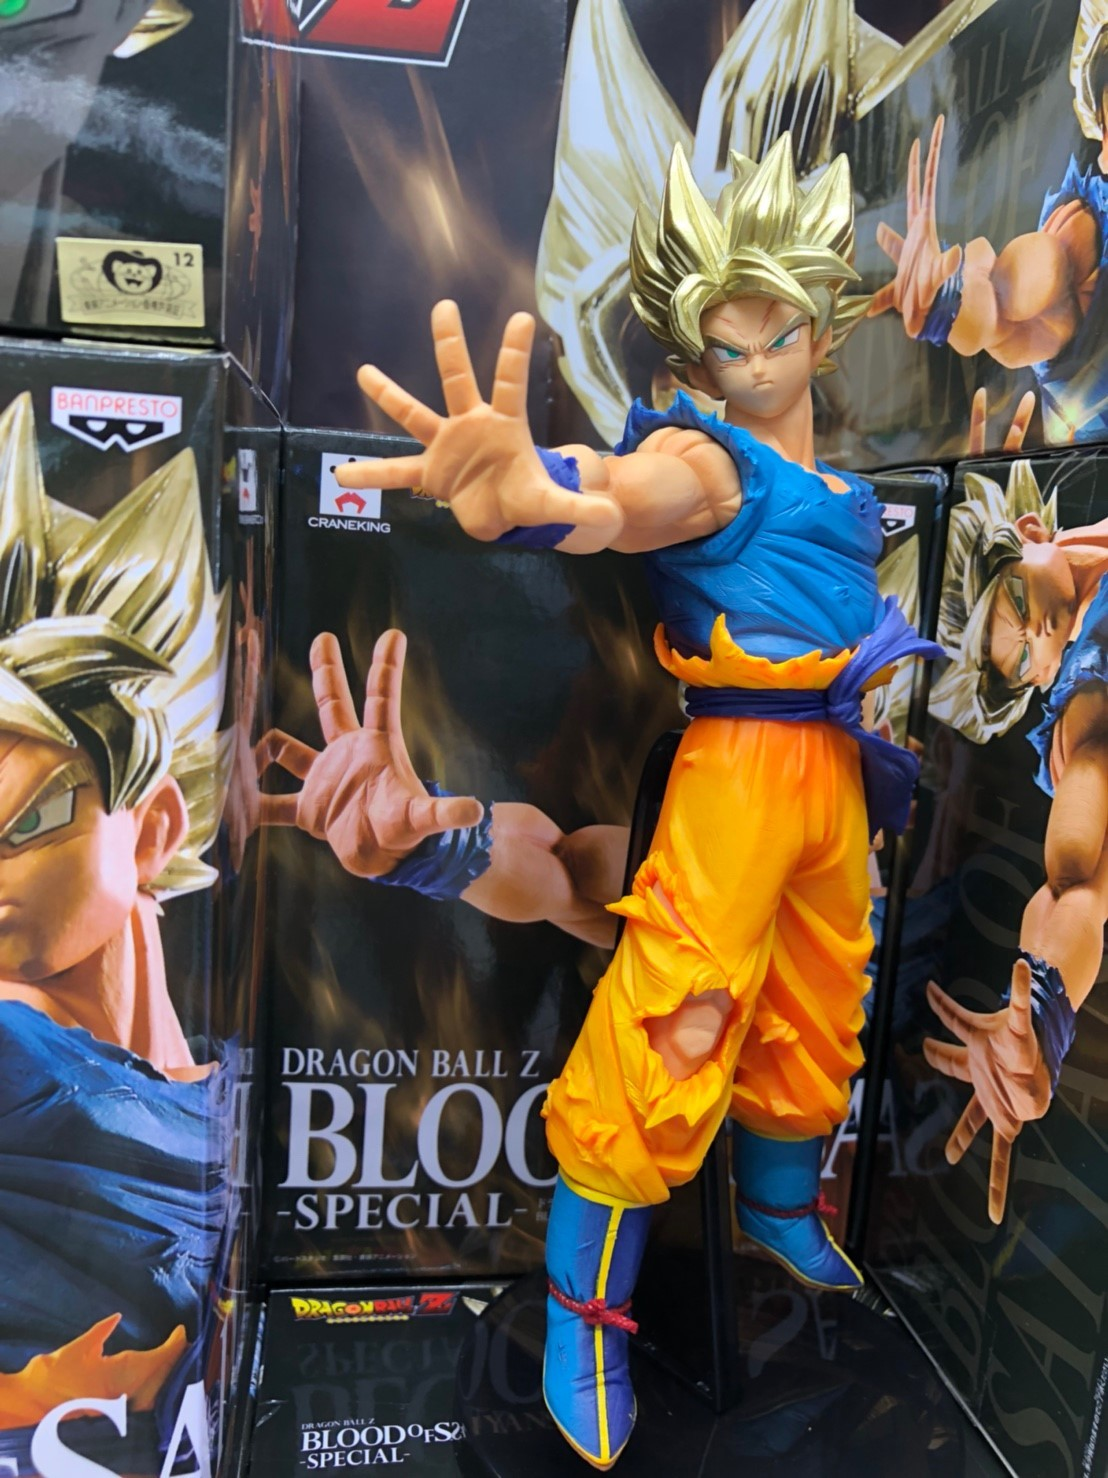 Blood of Saiyans Special - Son Goku image